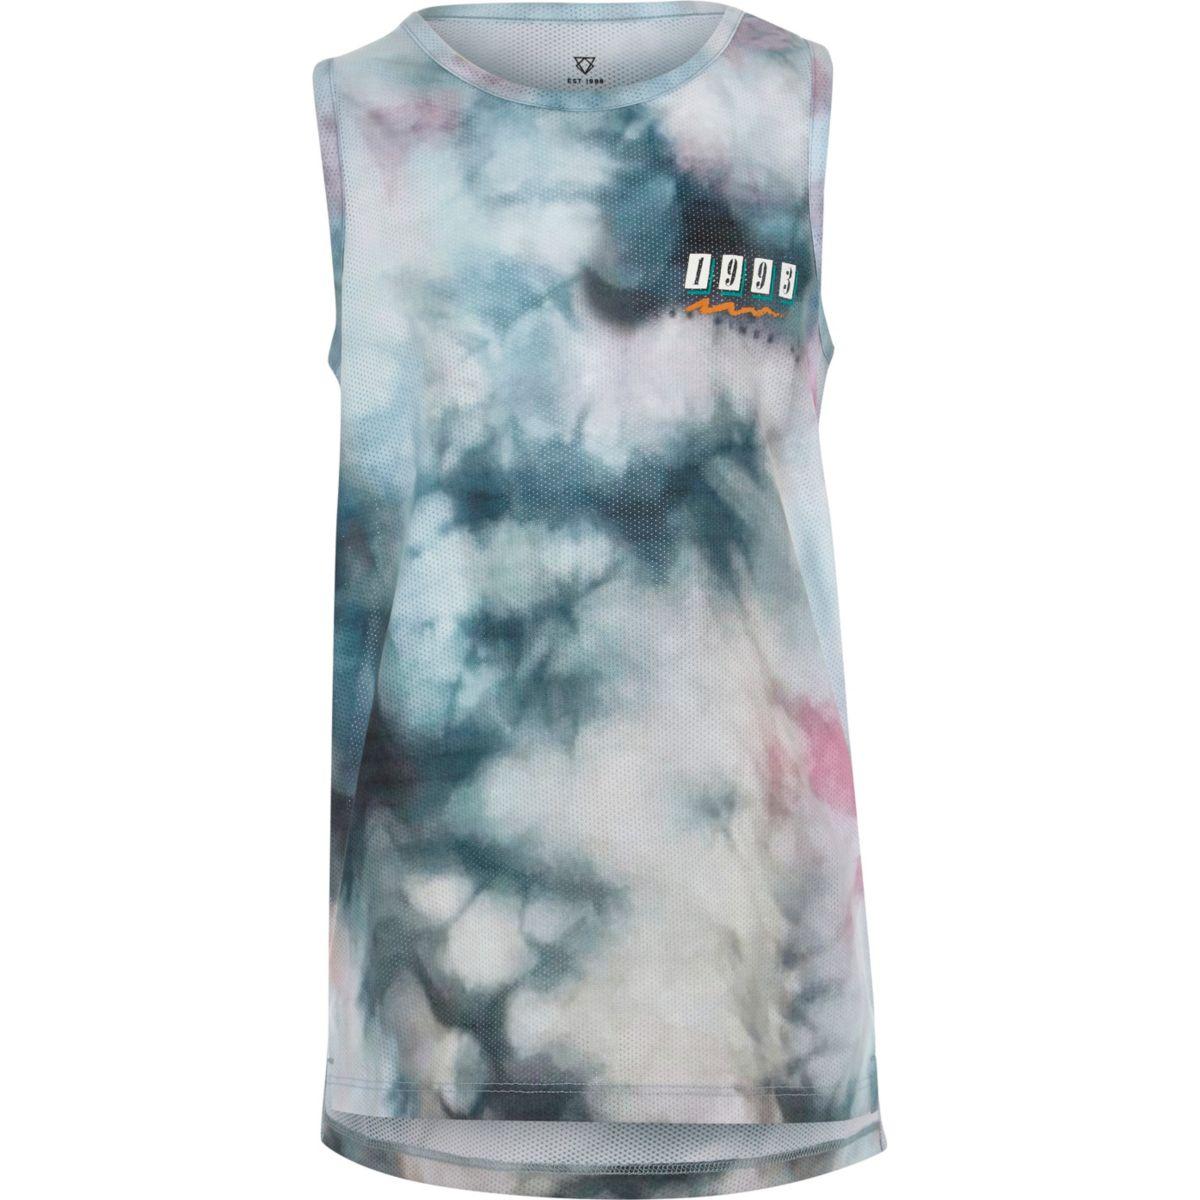 Boys blue mesh tie dye '1993' print tank